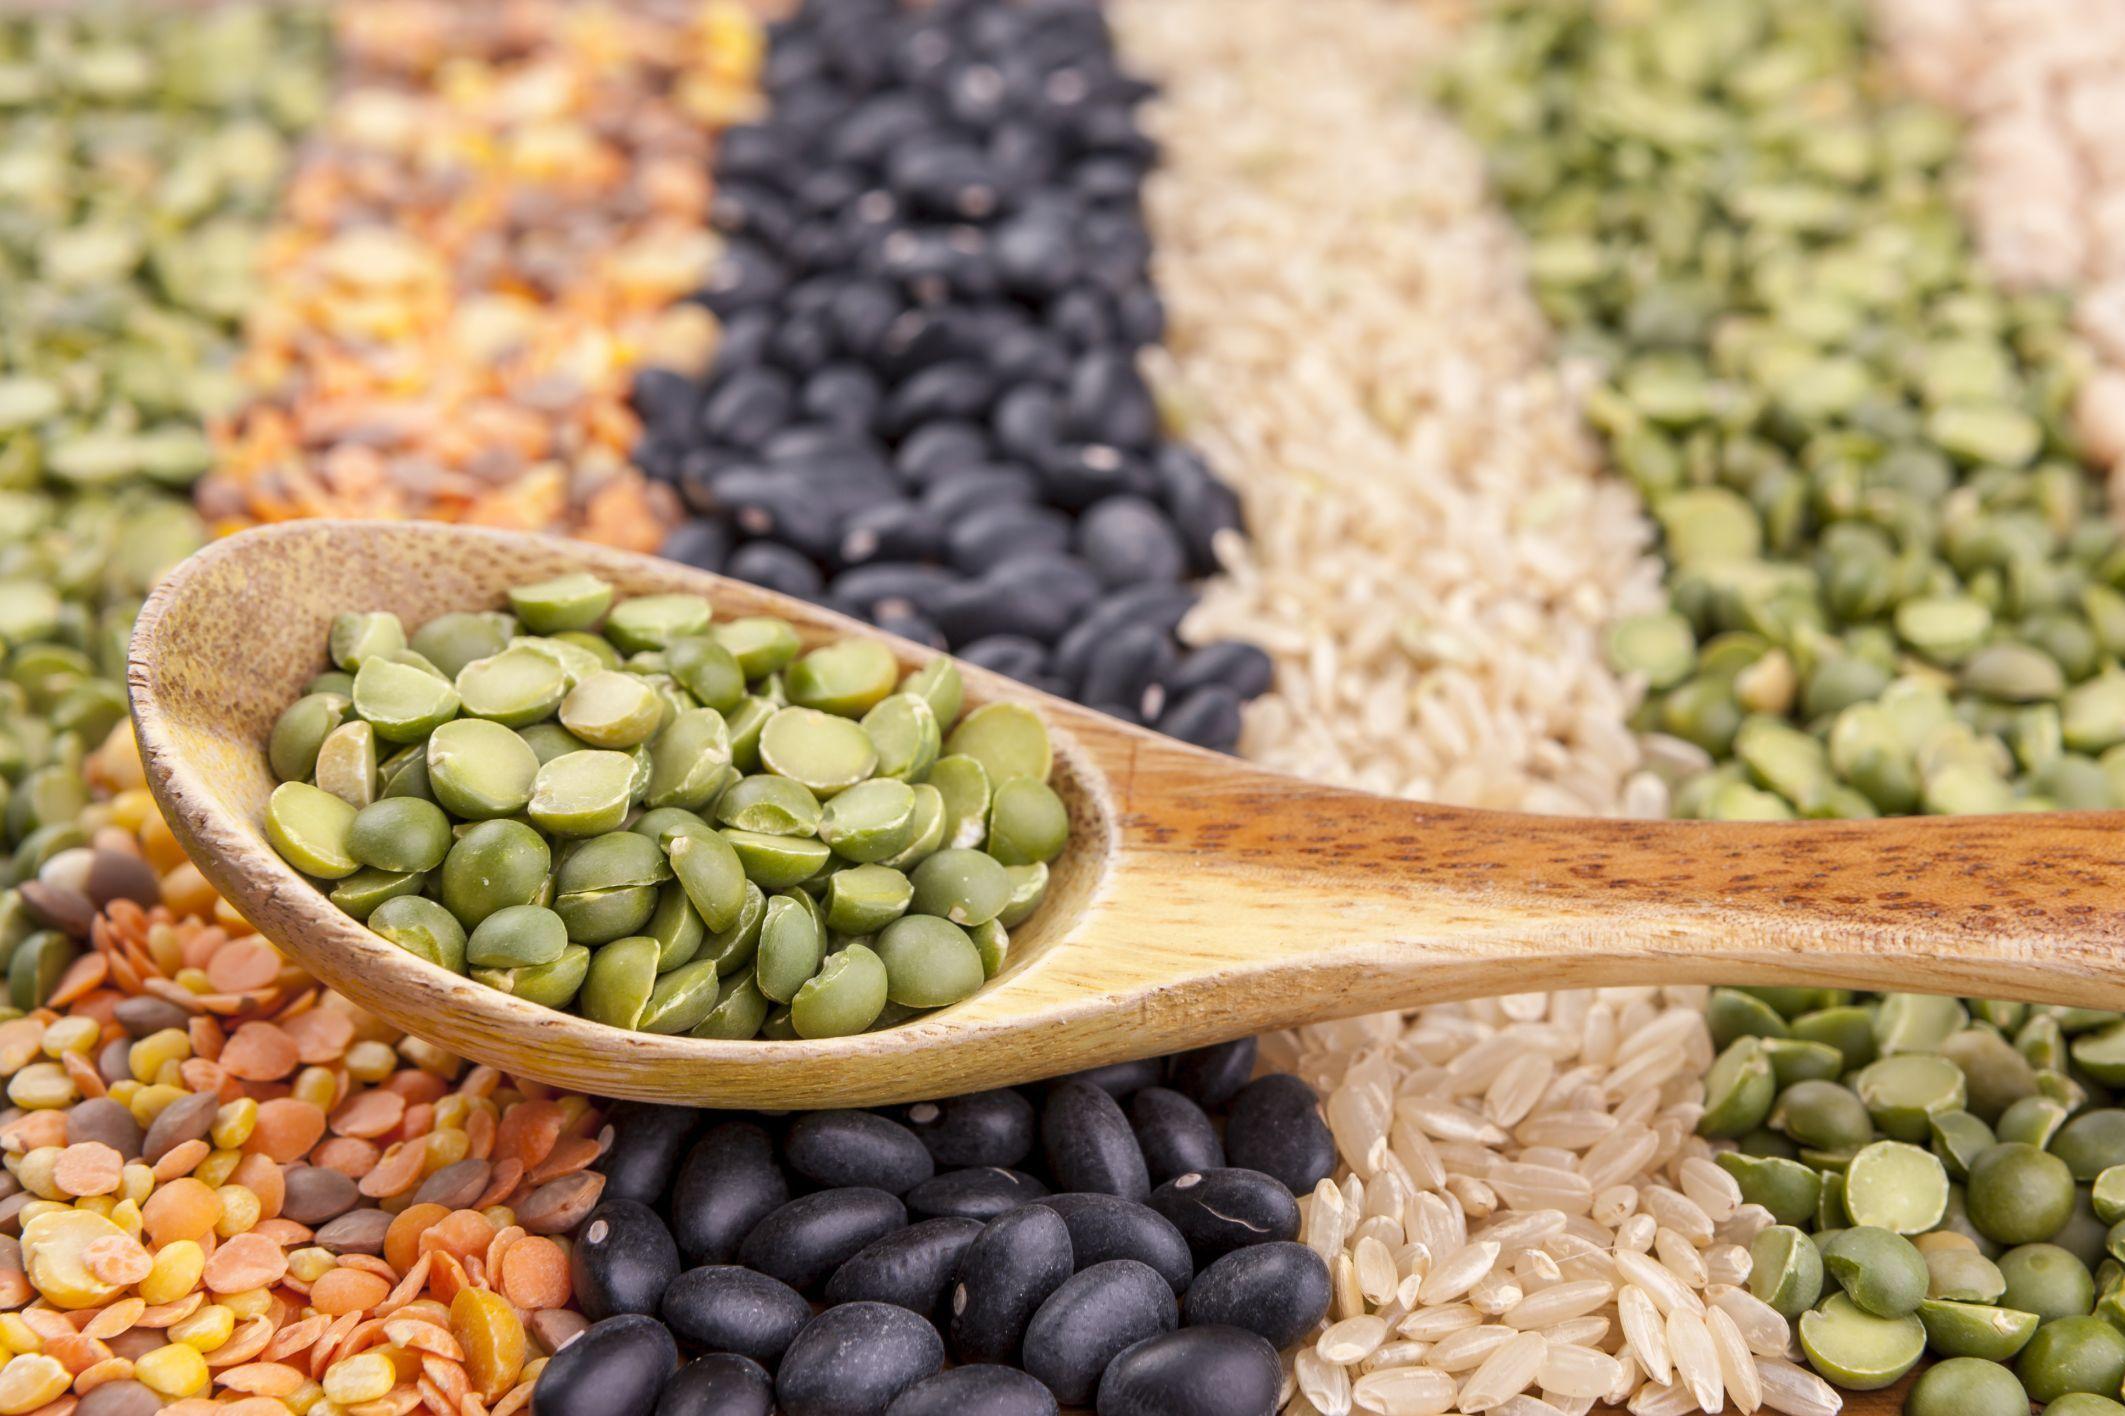 dieta baja en colesterol para bajar de peso